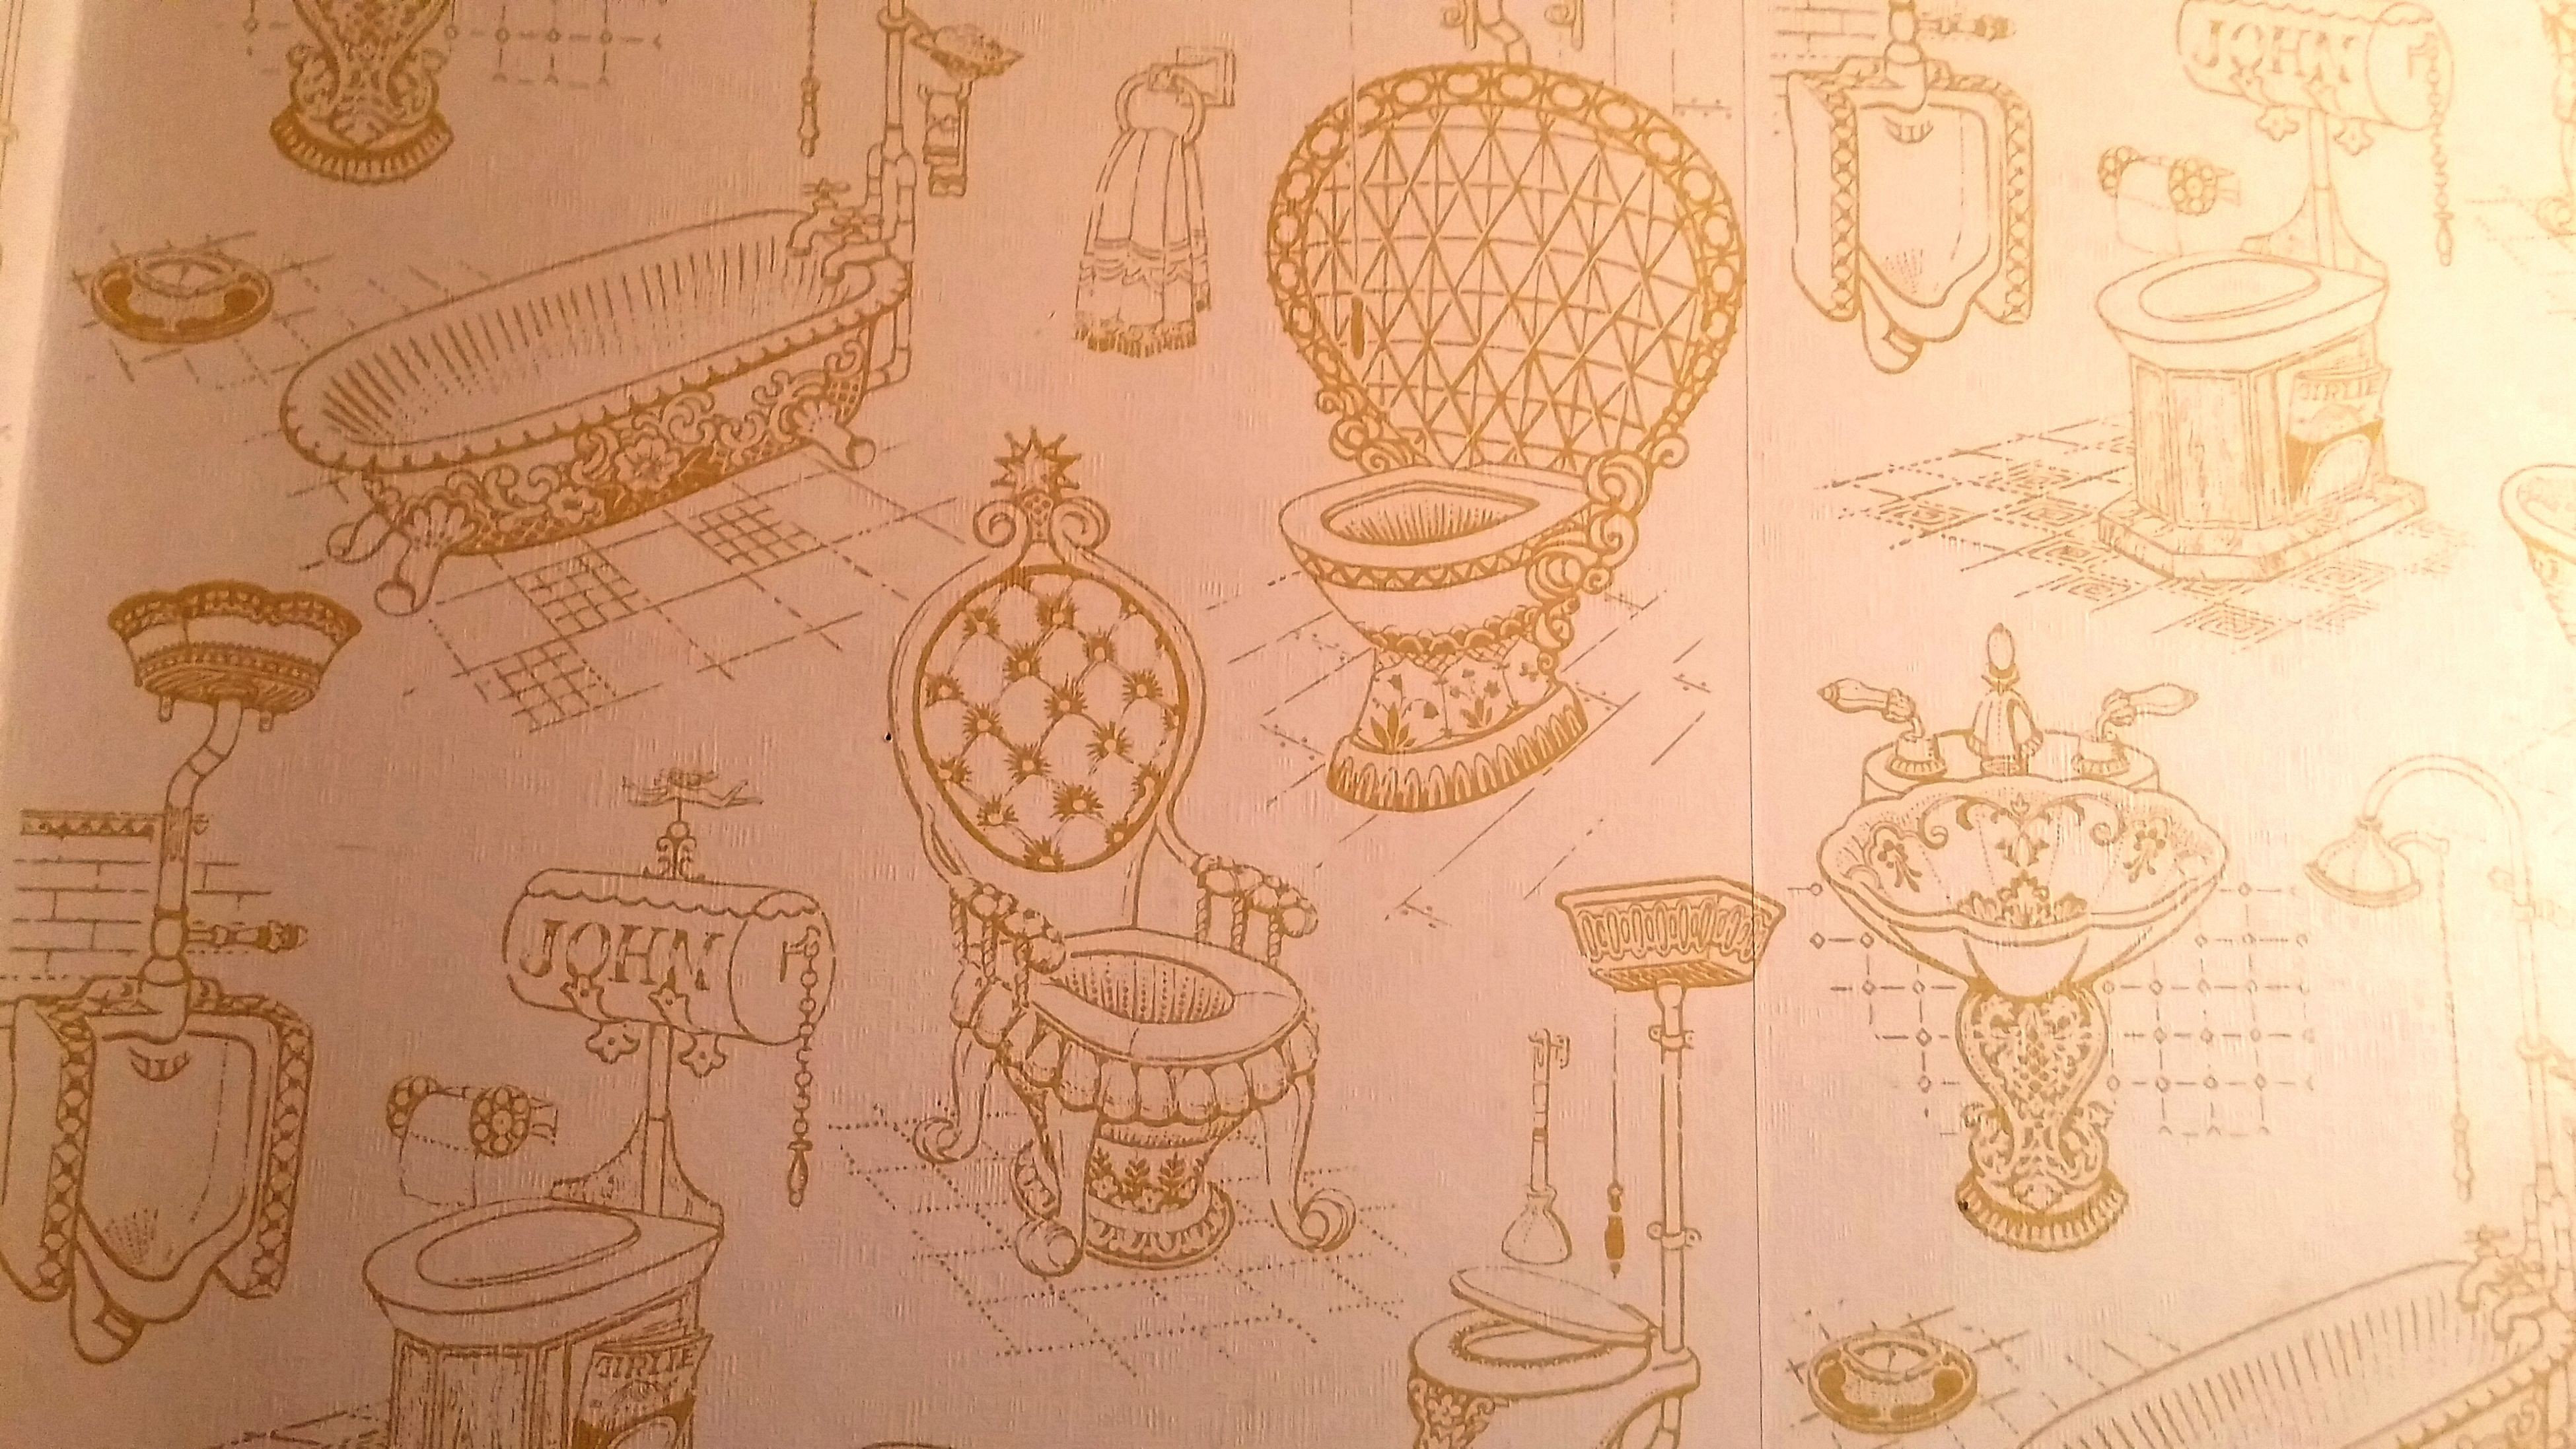 The John Wallpaper Throne Room Fun Stuff